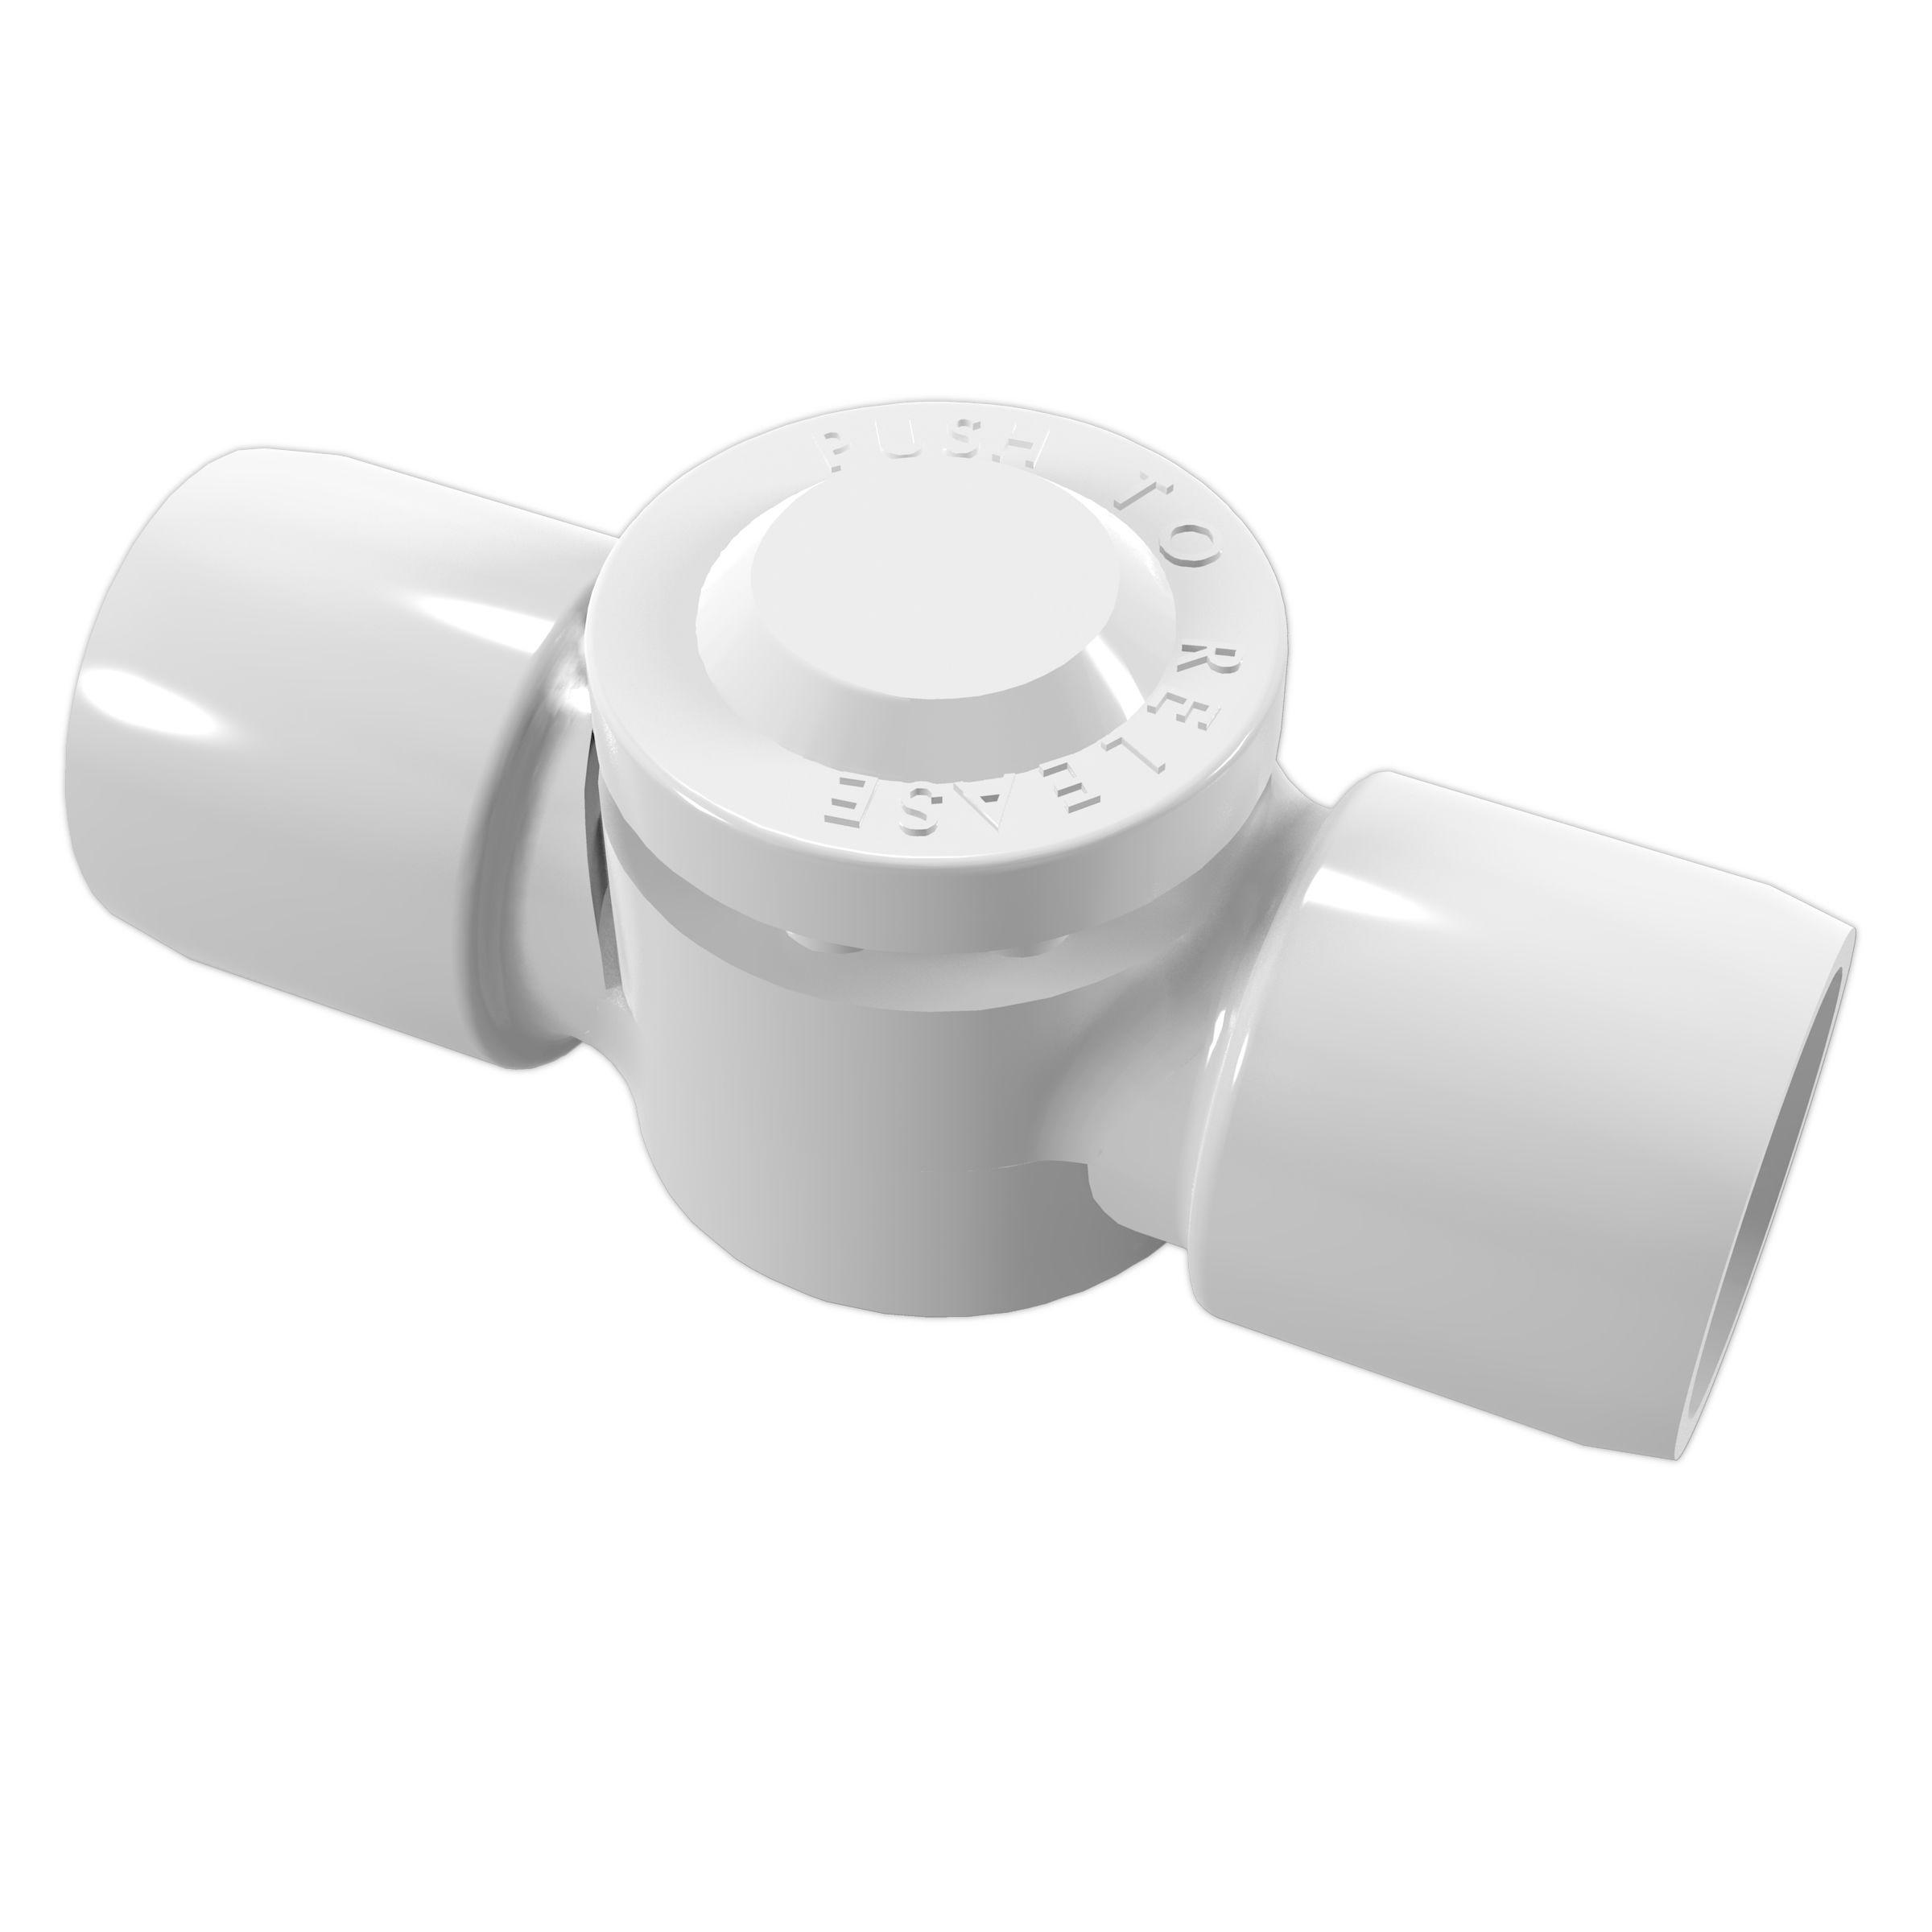 34 external 2way adjustable pvc elbow pvc elbow